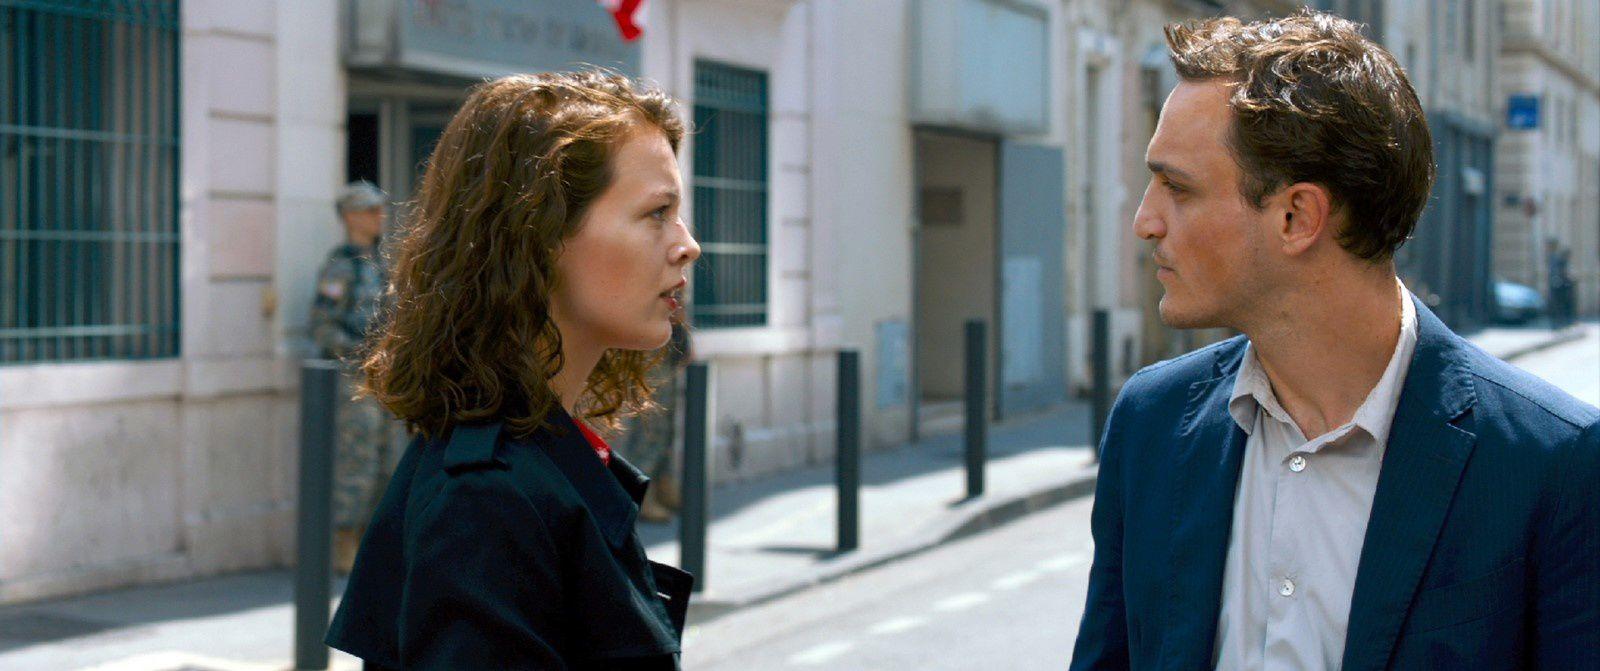 Transit (BANDE-ANNONCE) de Christian Petzold avec Jean-Pierre Darroussin - Le 25 avril 2018 au cinéma